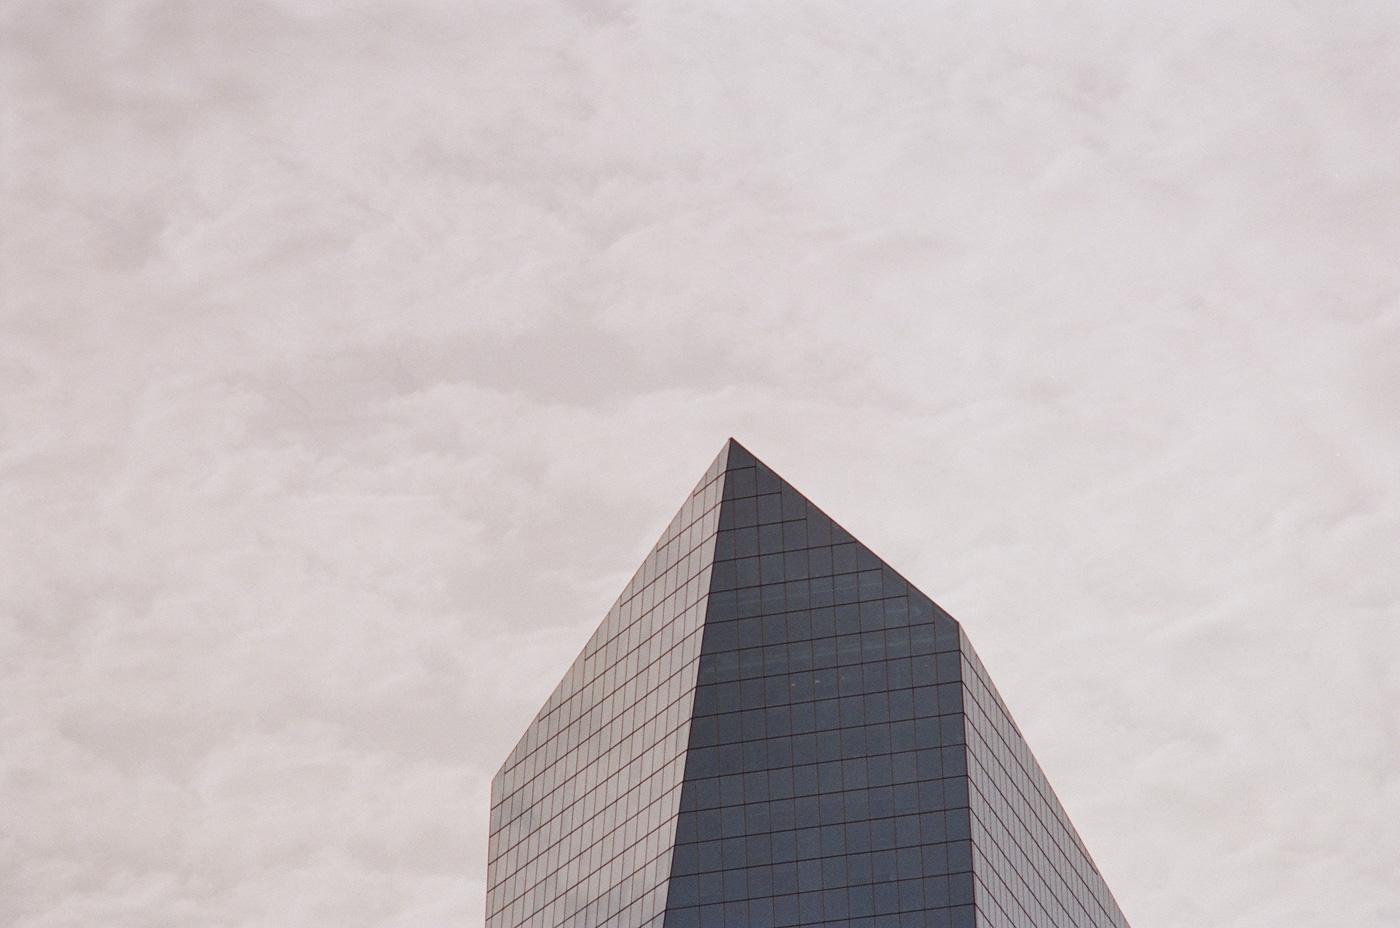 Top of the Cira Centre